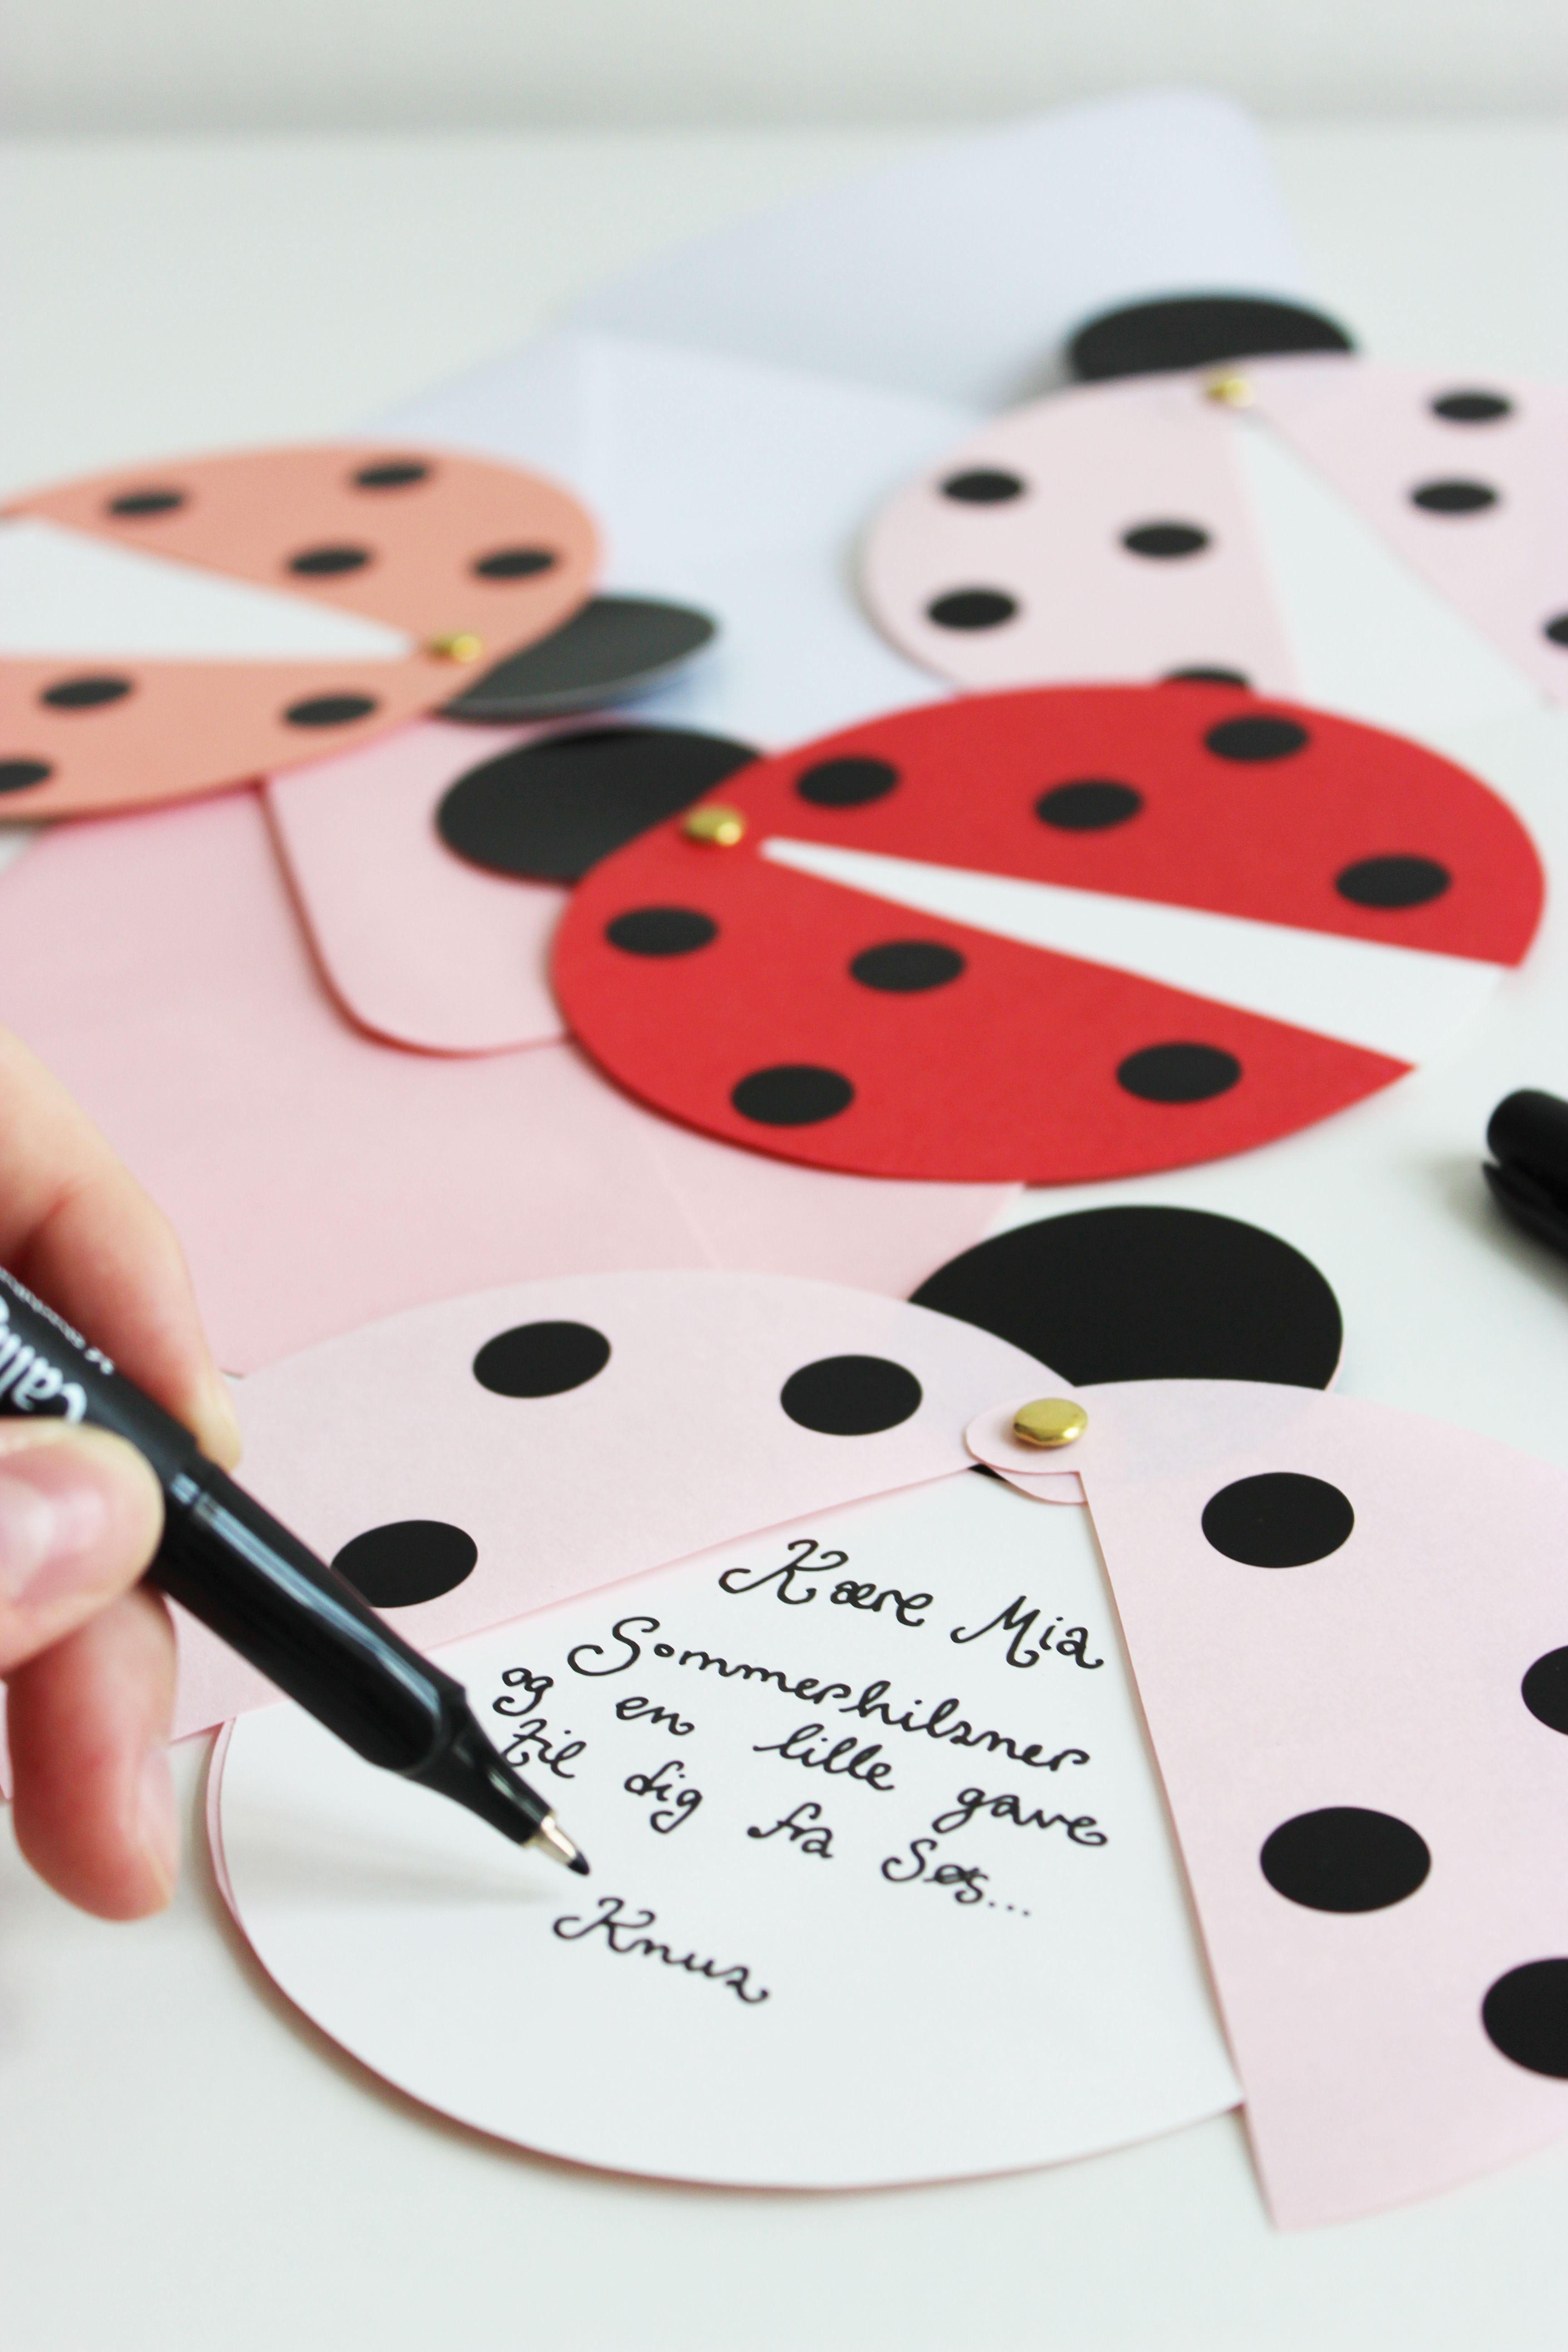 Marienkäfer, ladybug party invitation | DIY | Pinterest | Ladybug ...